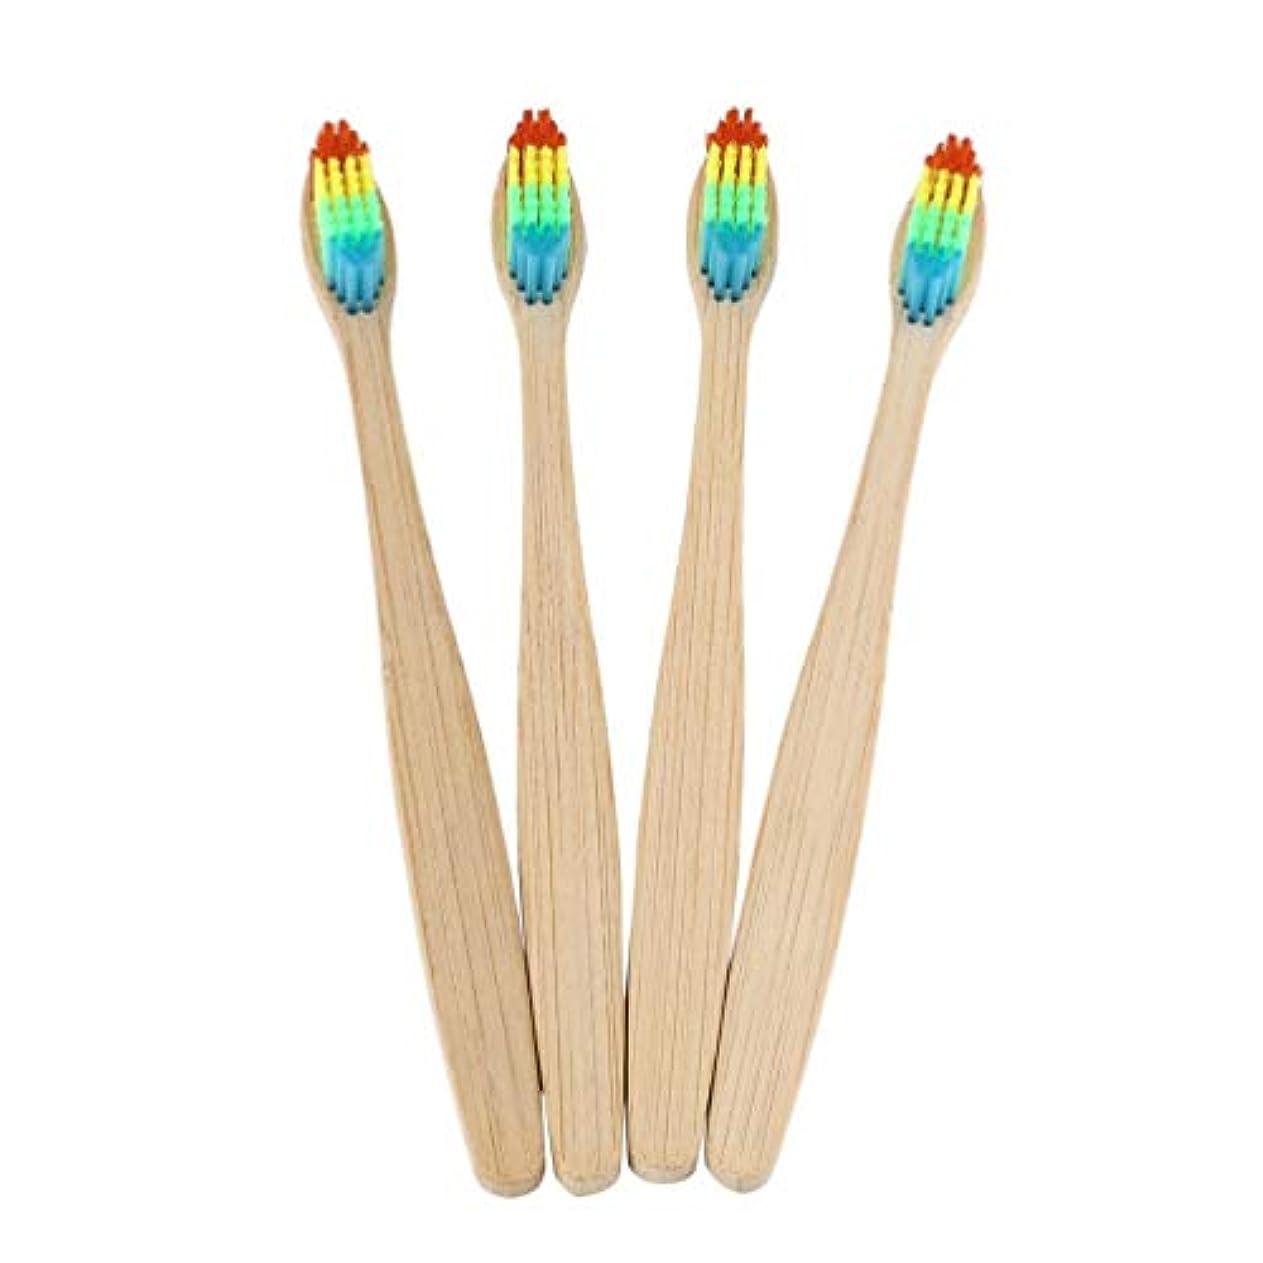 マグ買い物に行く降雨カラフルな髪+竹のハンドル歯ブラシ環境木製の虹竹の歯ブラシオーラルケアソフト剛毛ユニセックス - ウッドカラー+カラフル